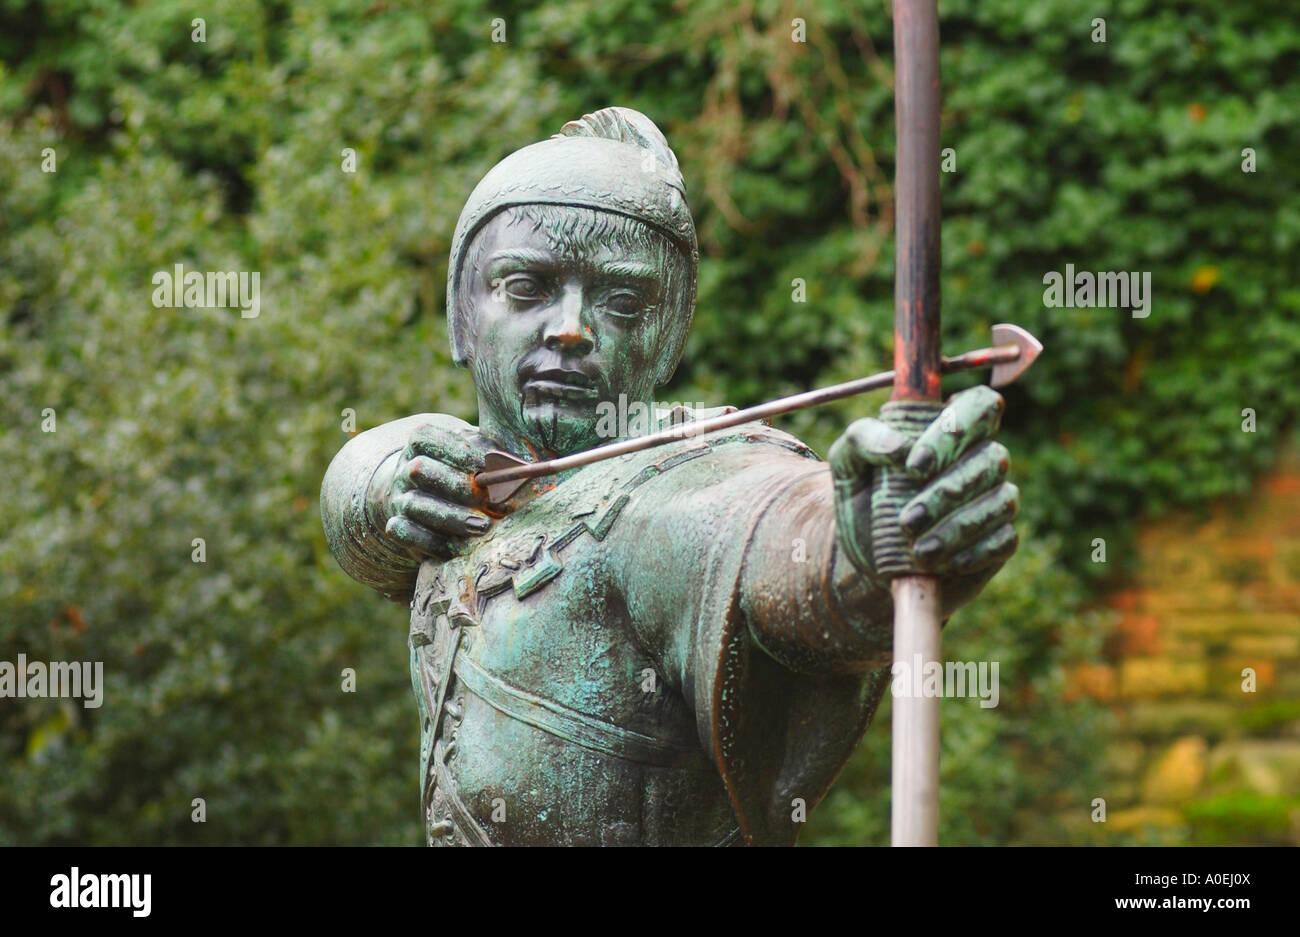 Statue of Robin Hood in Nottingham UK - Stock Image